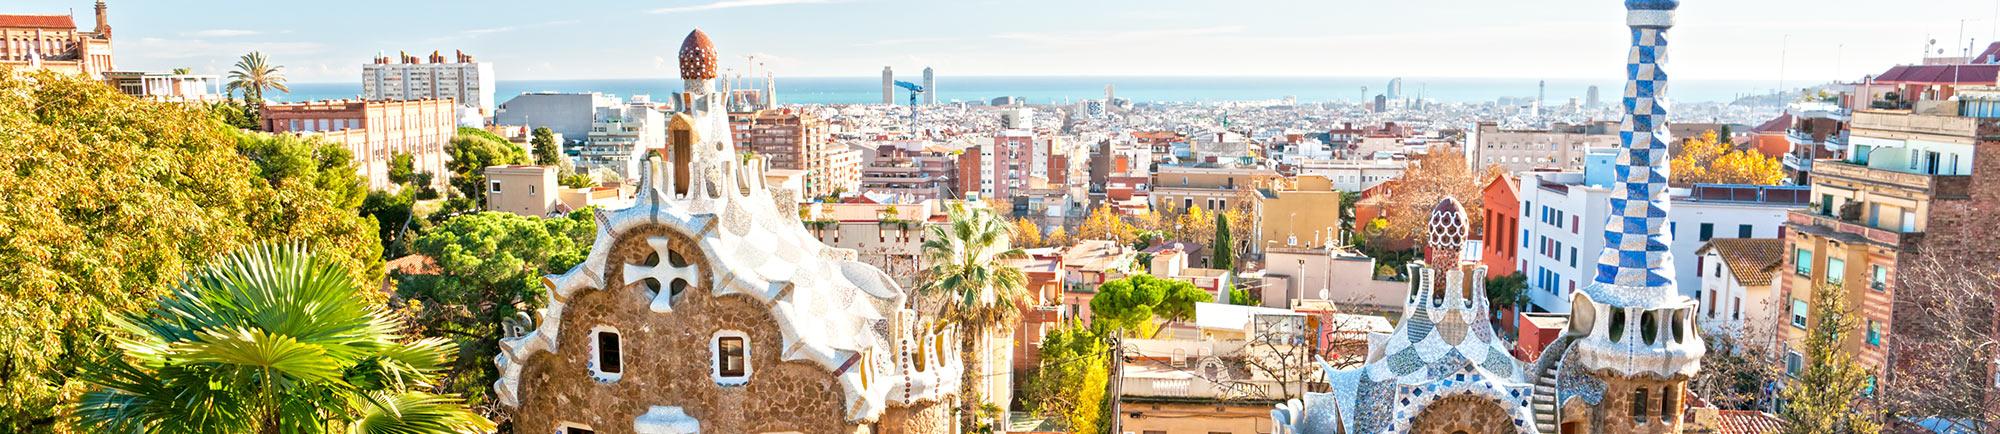 Noleggio scooter a Barcellona